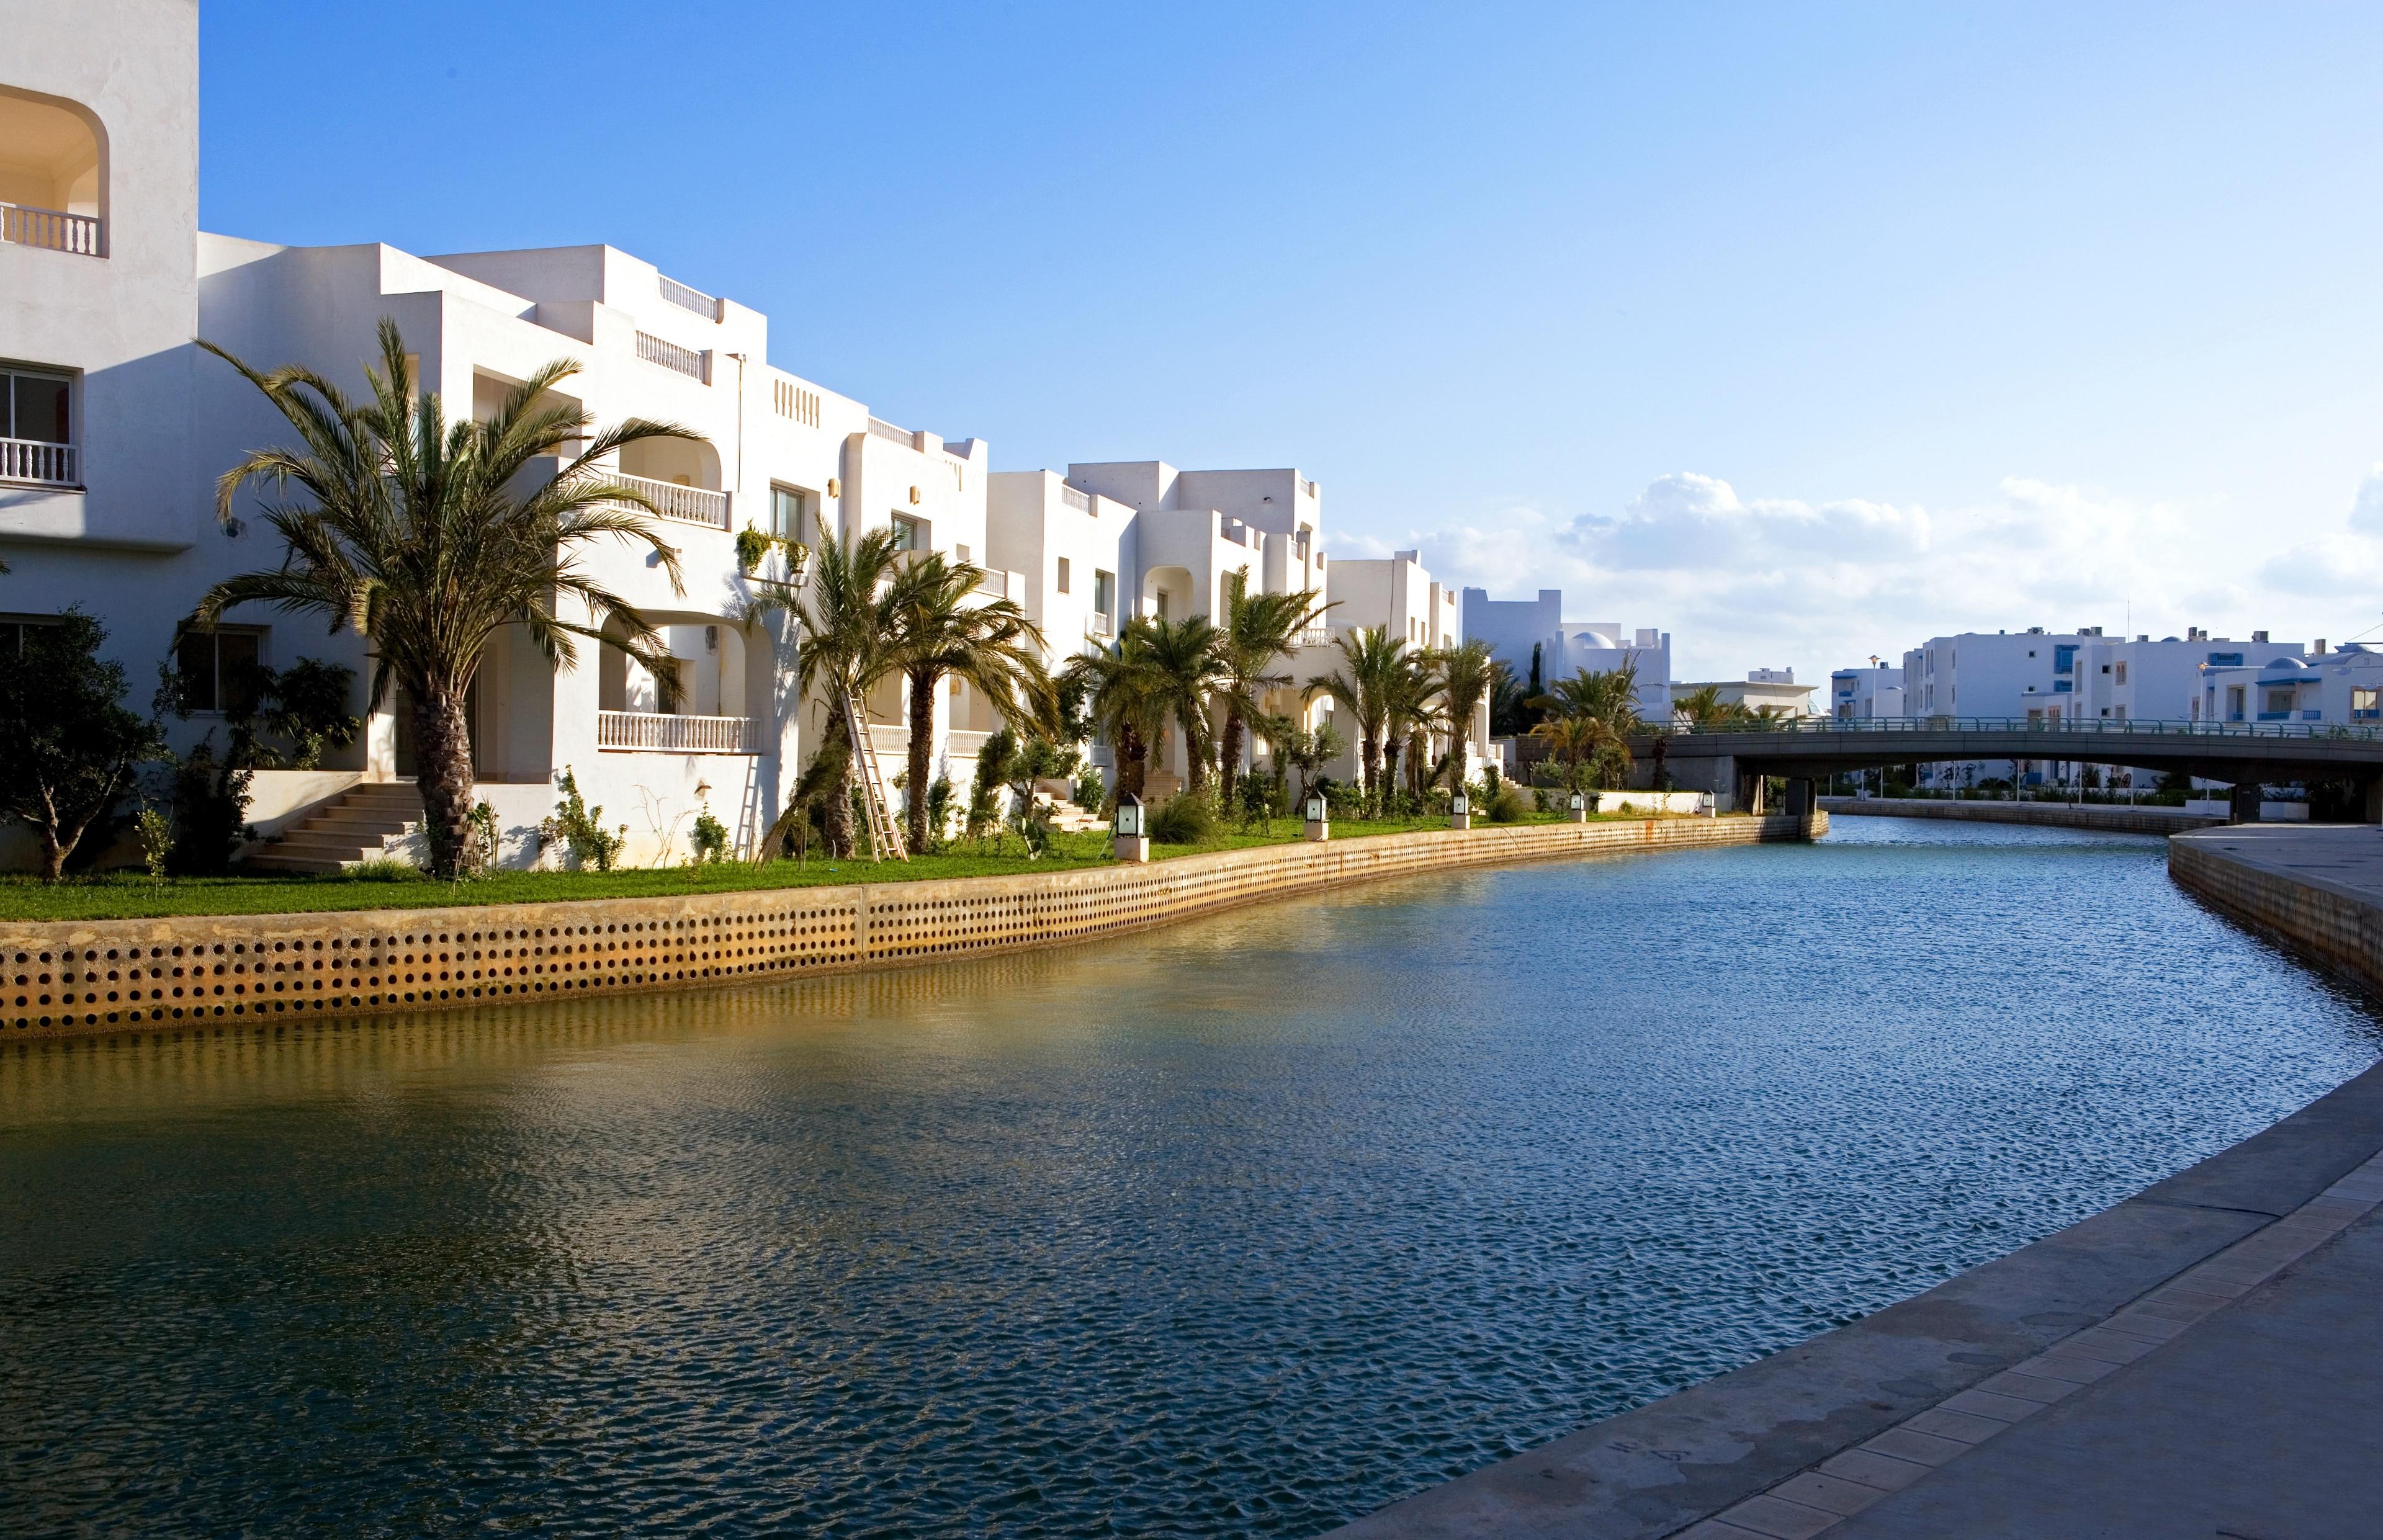 Hammamet, Nabeul Governorate, Tunisia